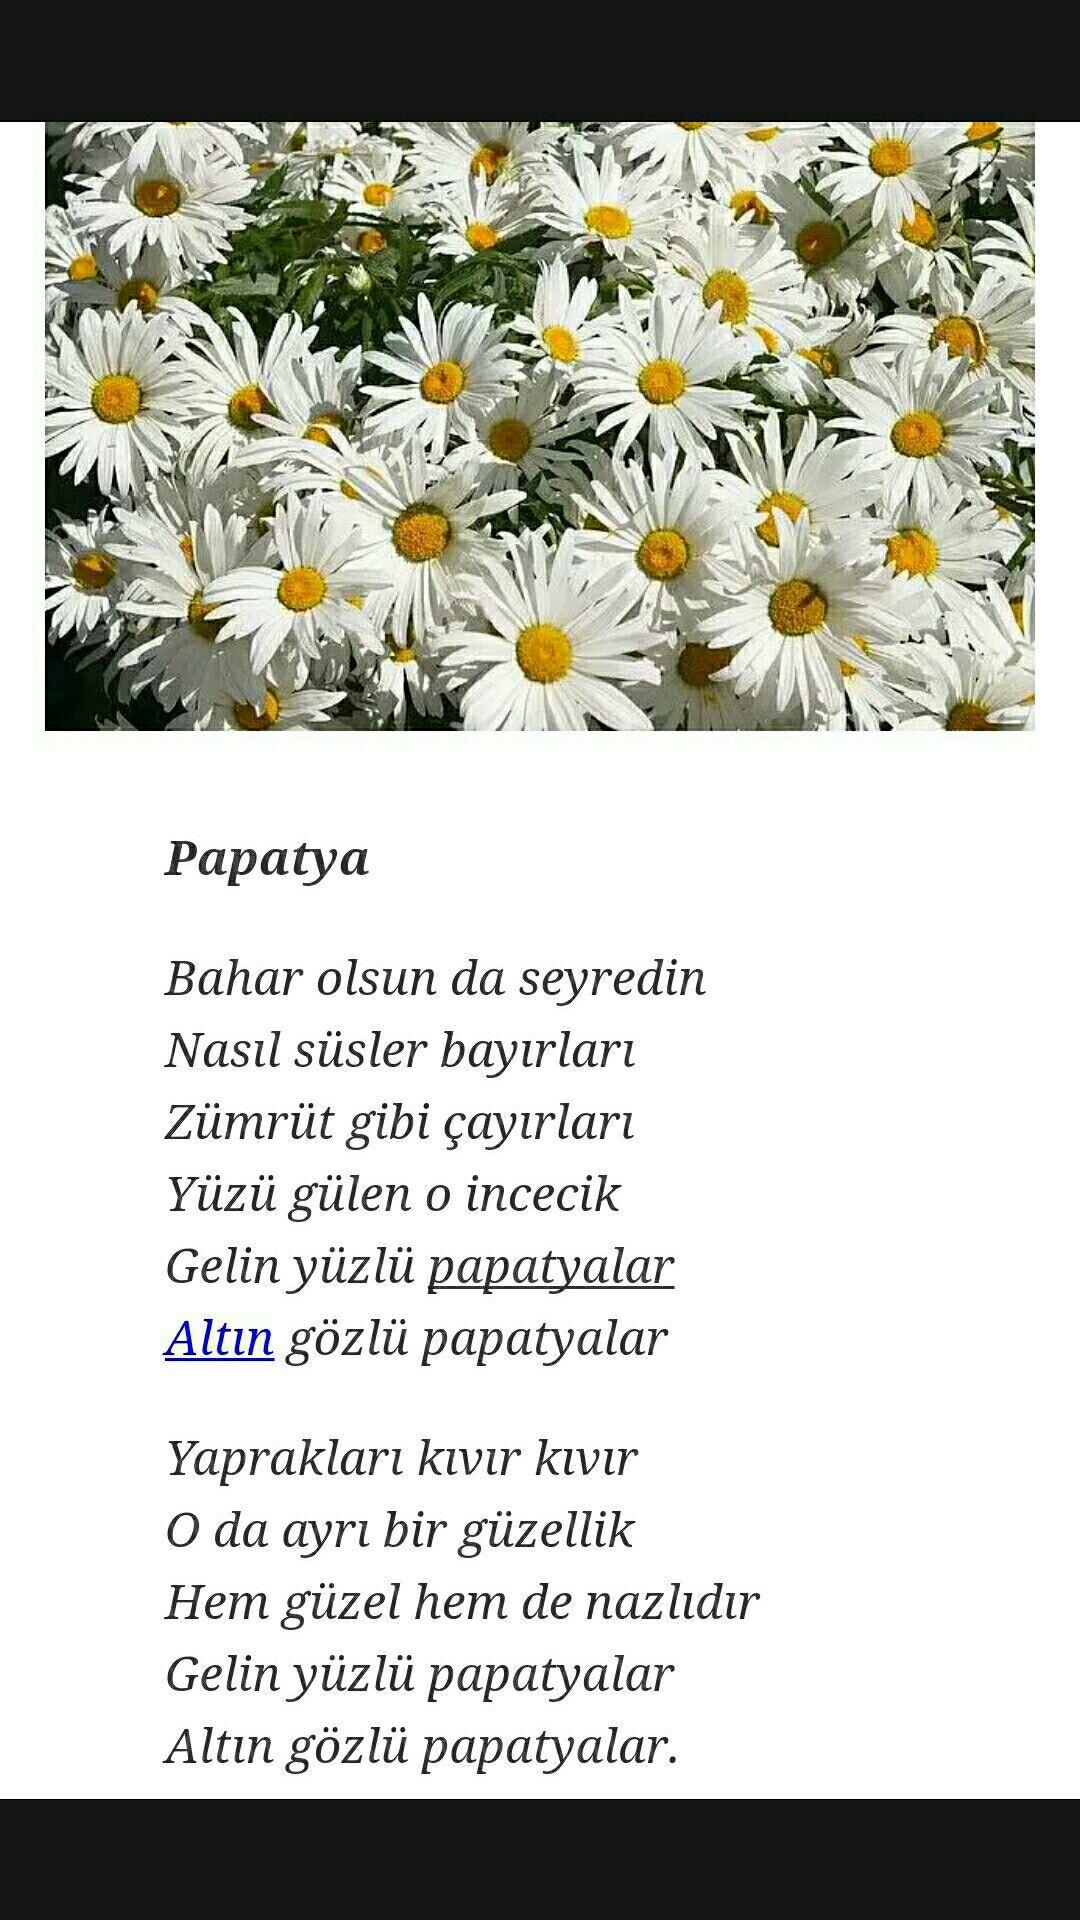 Gelin Yüzlü Papatyalar Tevfik Fikret Poetry şiir